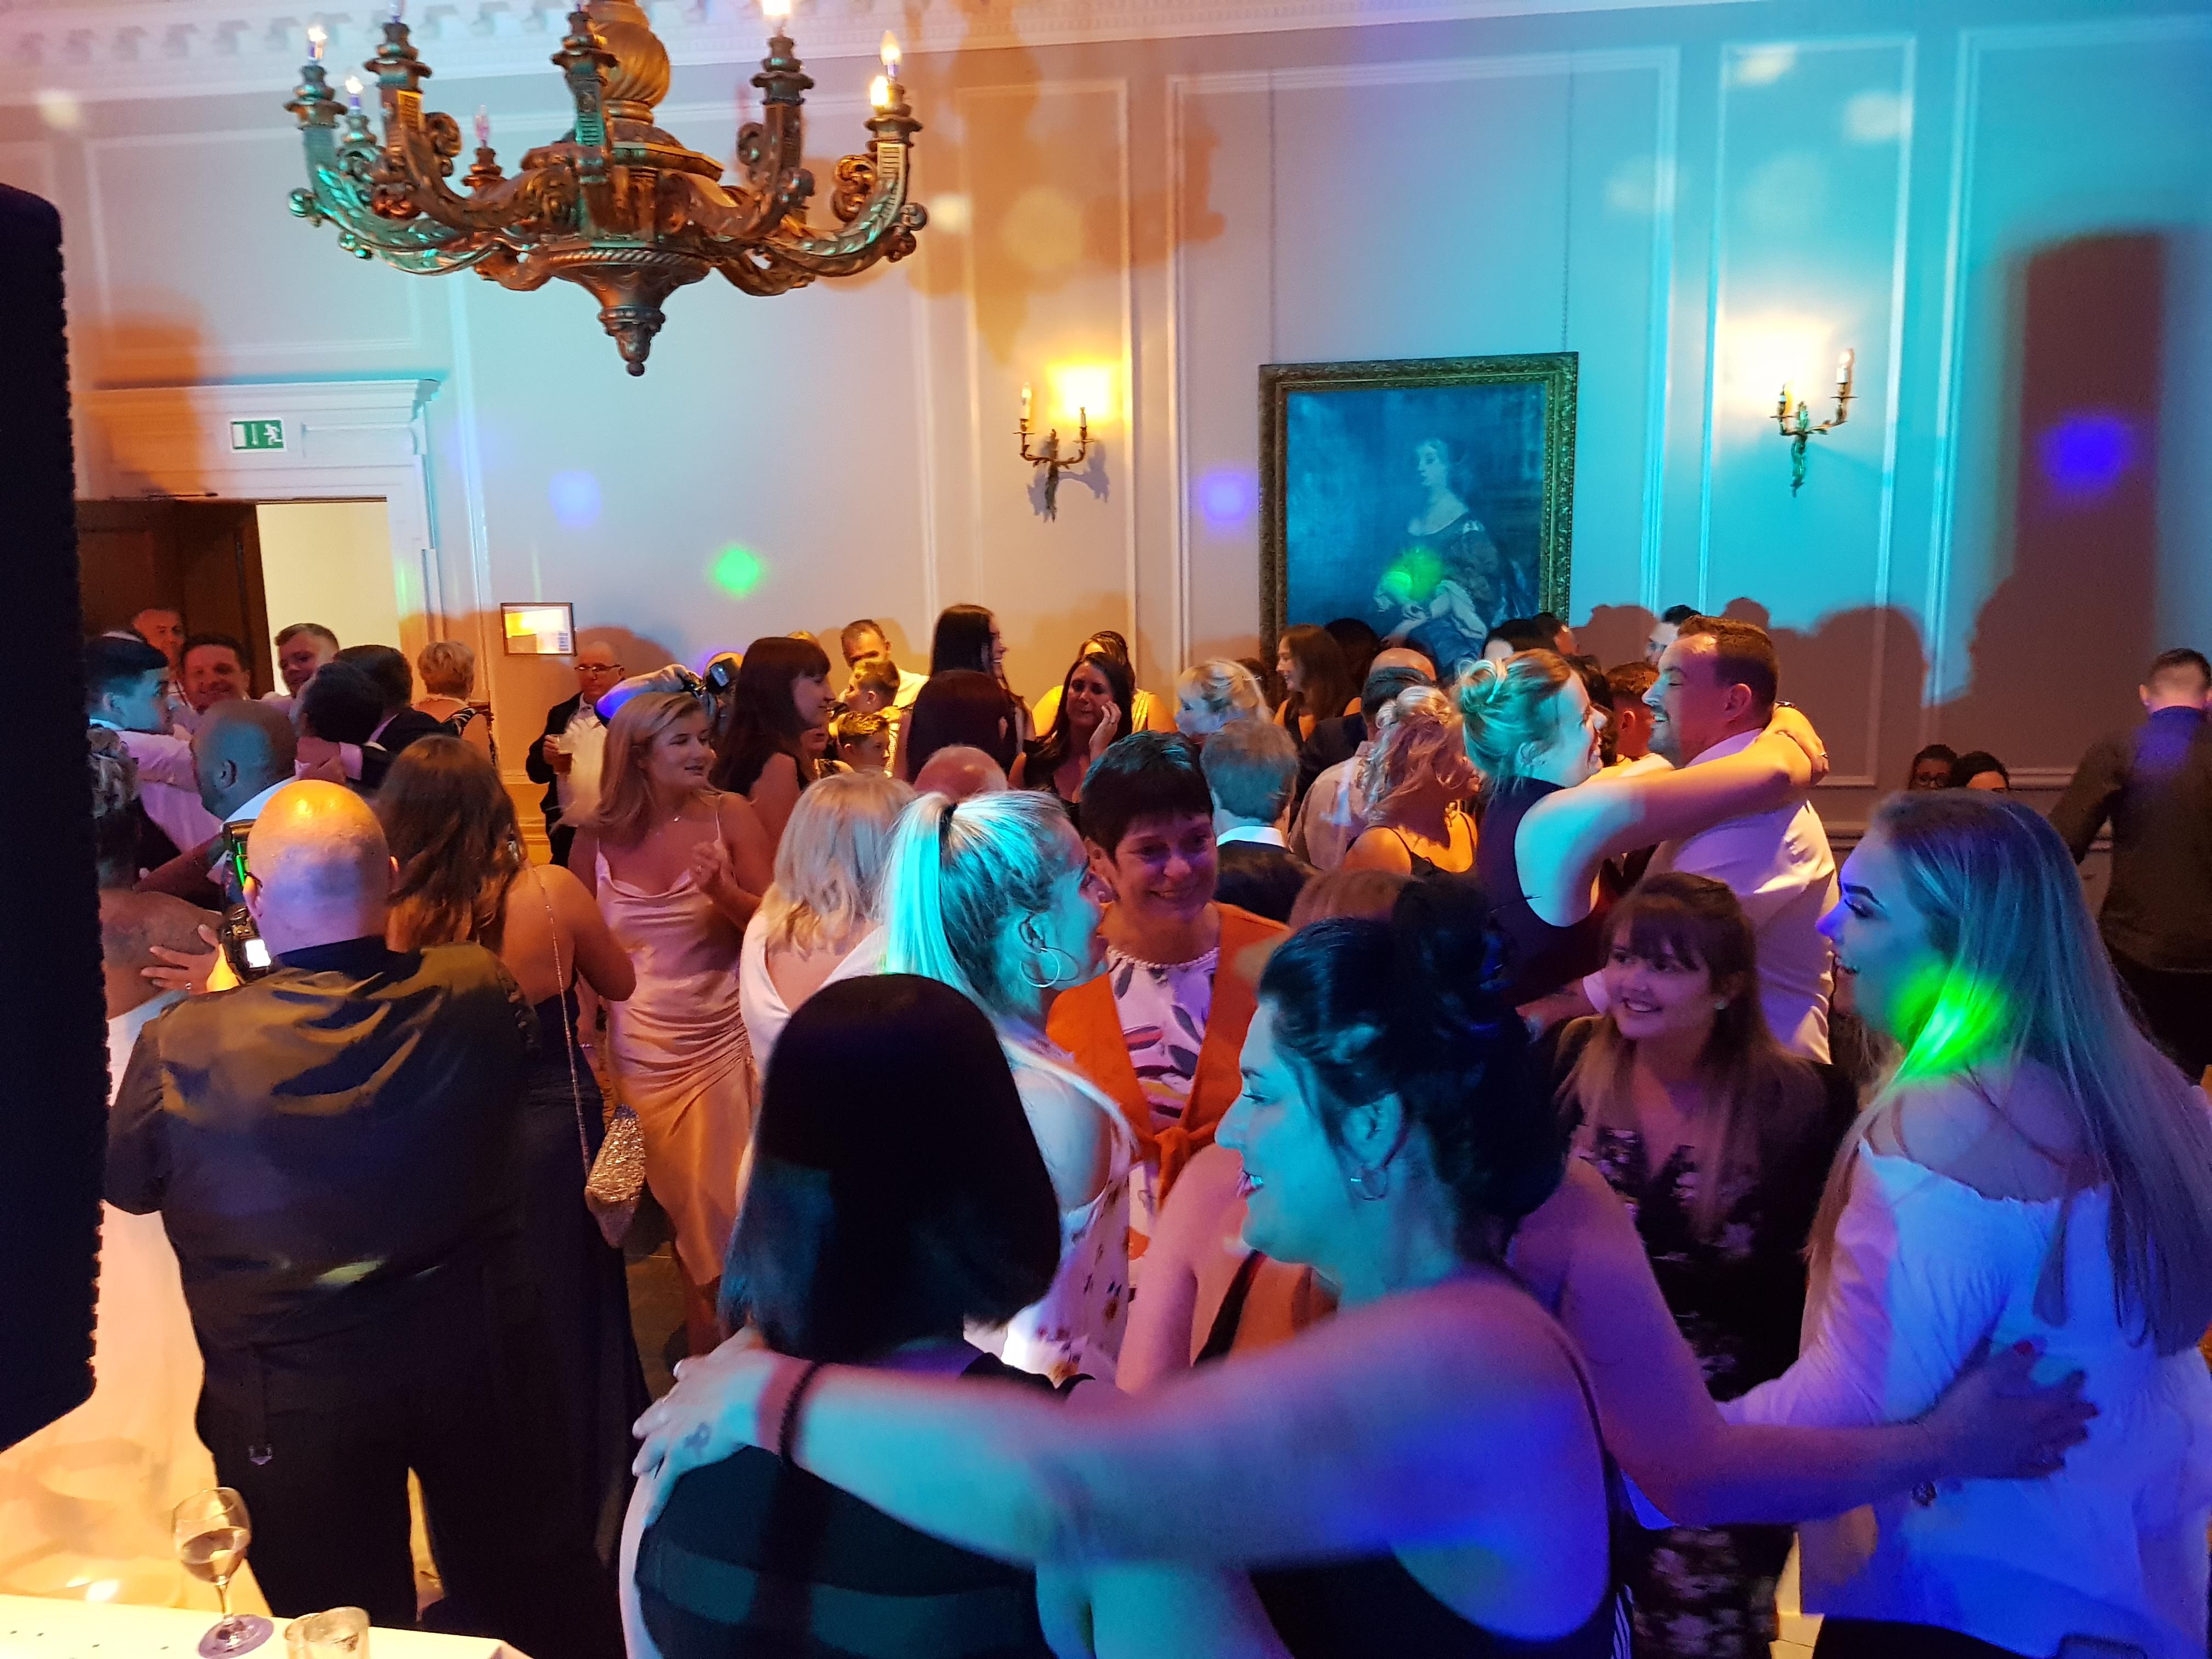 Crathorne-Hall-Dancefloor